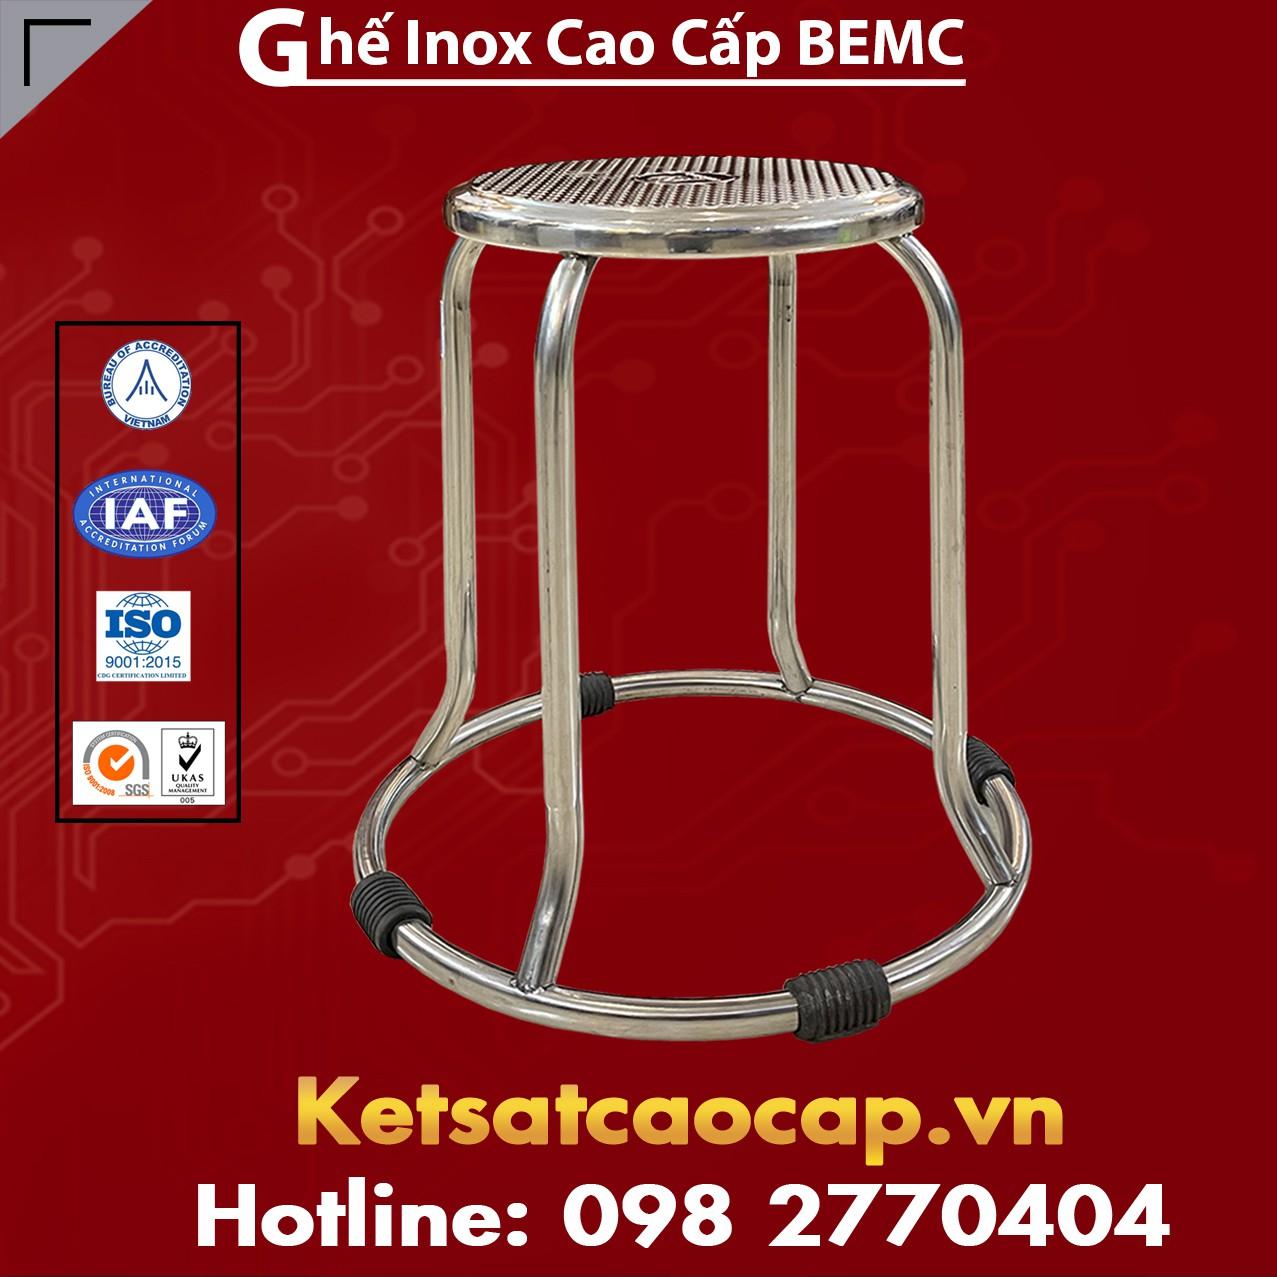 Ghế Inox Cao Cấp BEMC